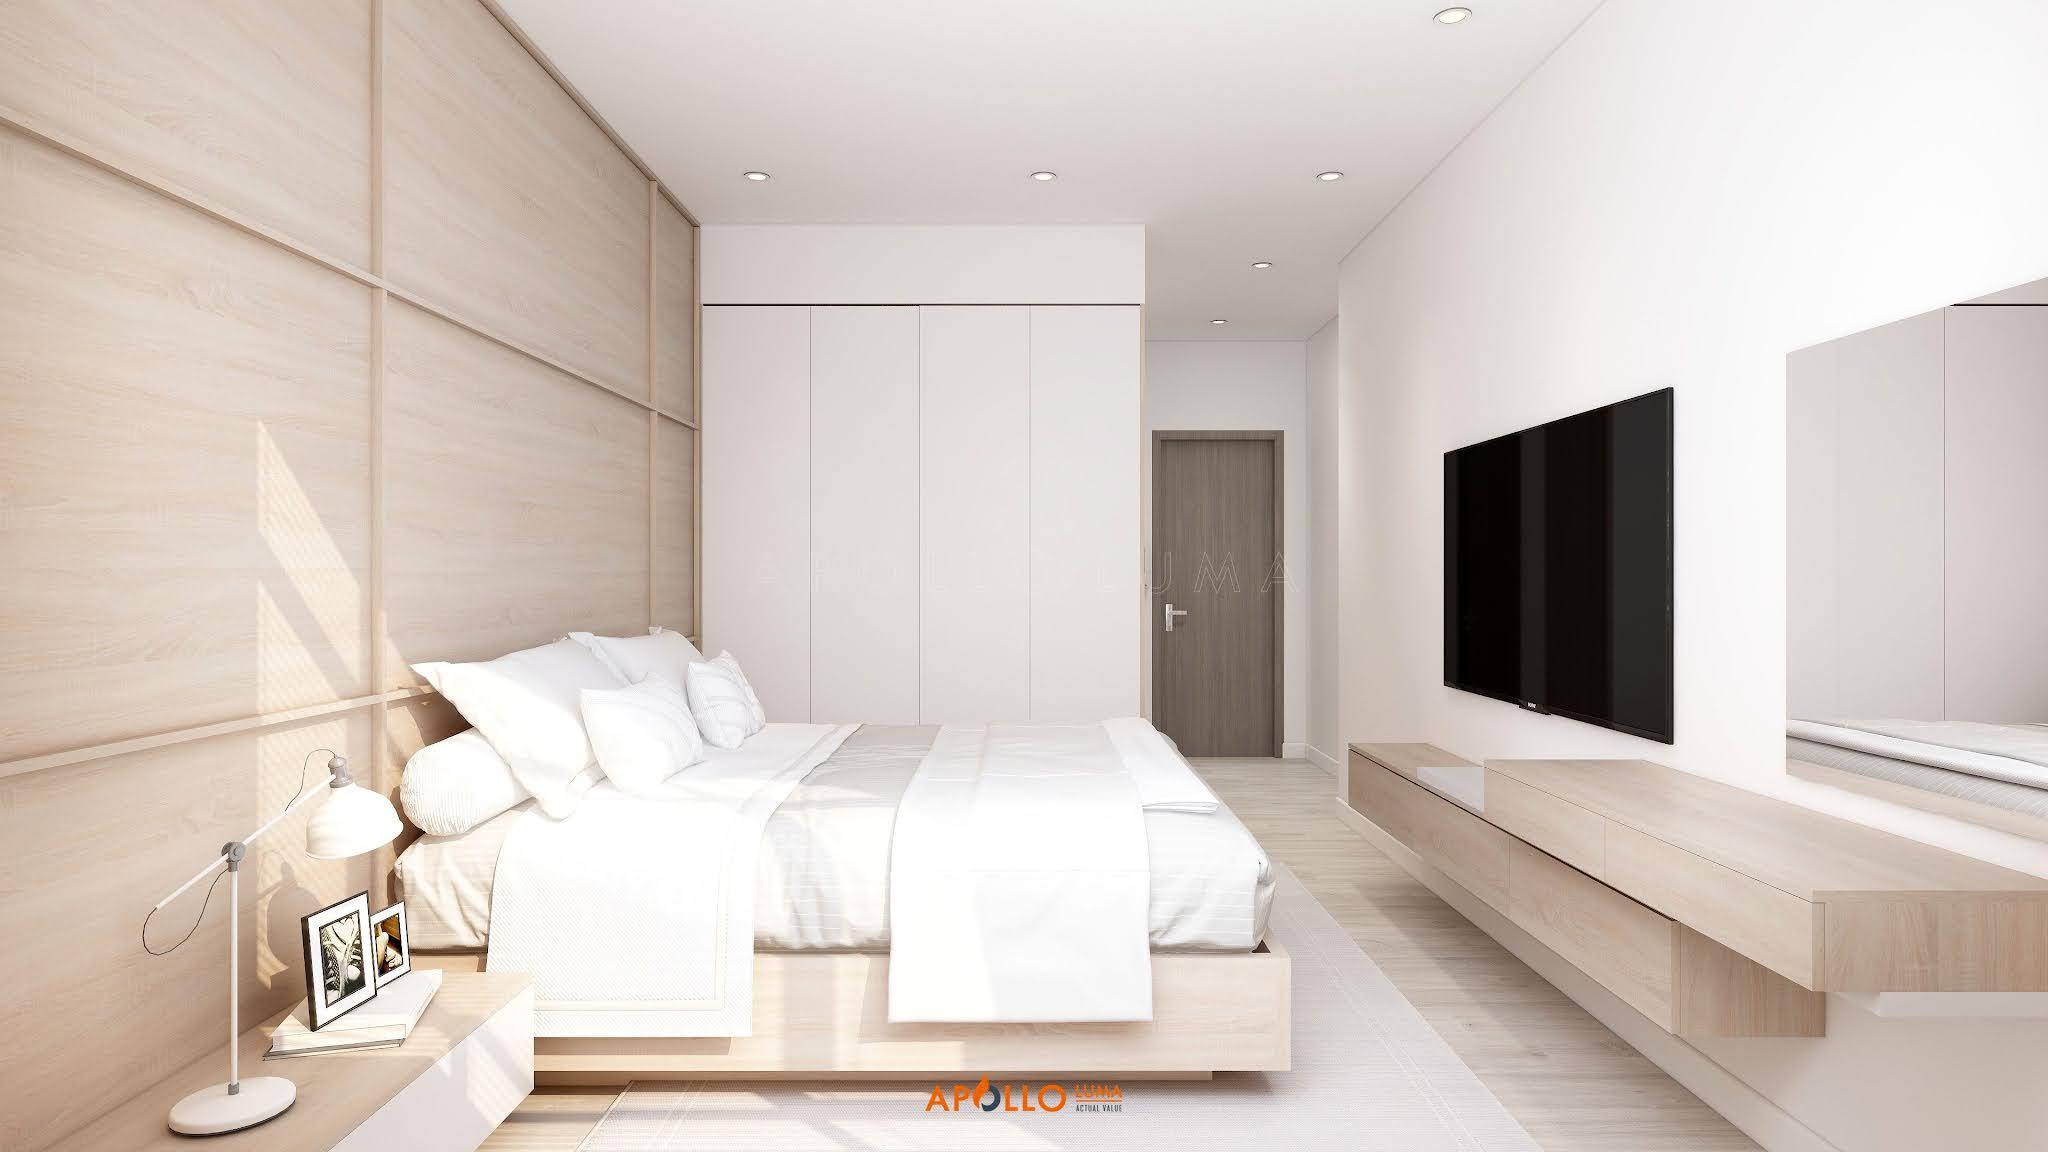 Thiết kế nội thất căn hộ 3 phòng ngủ The Terra An Hưng